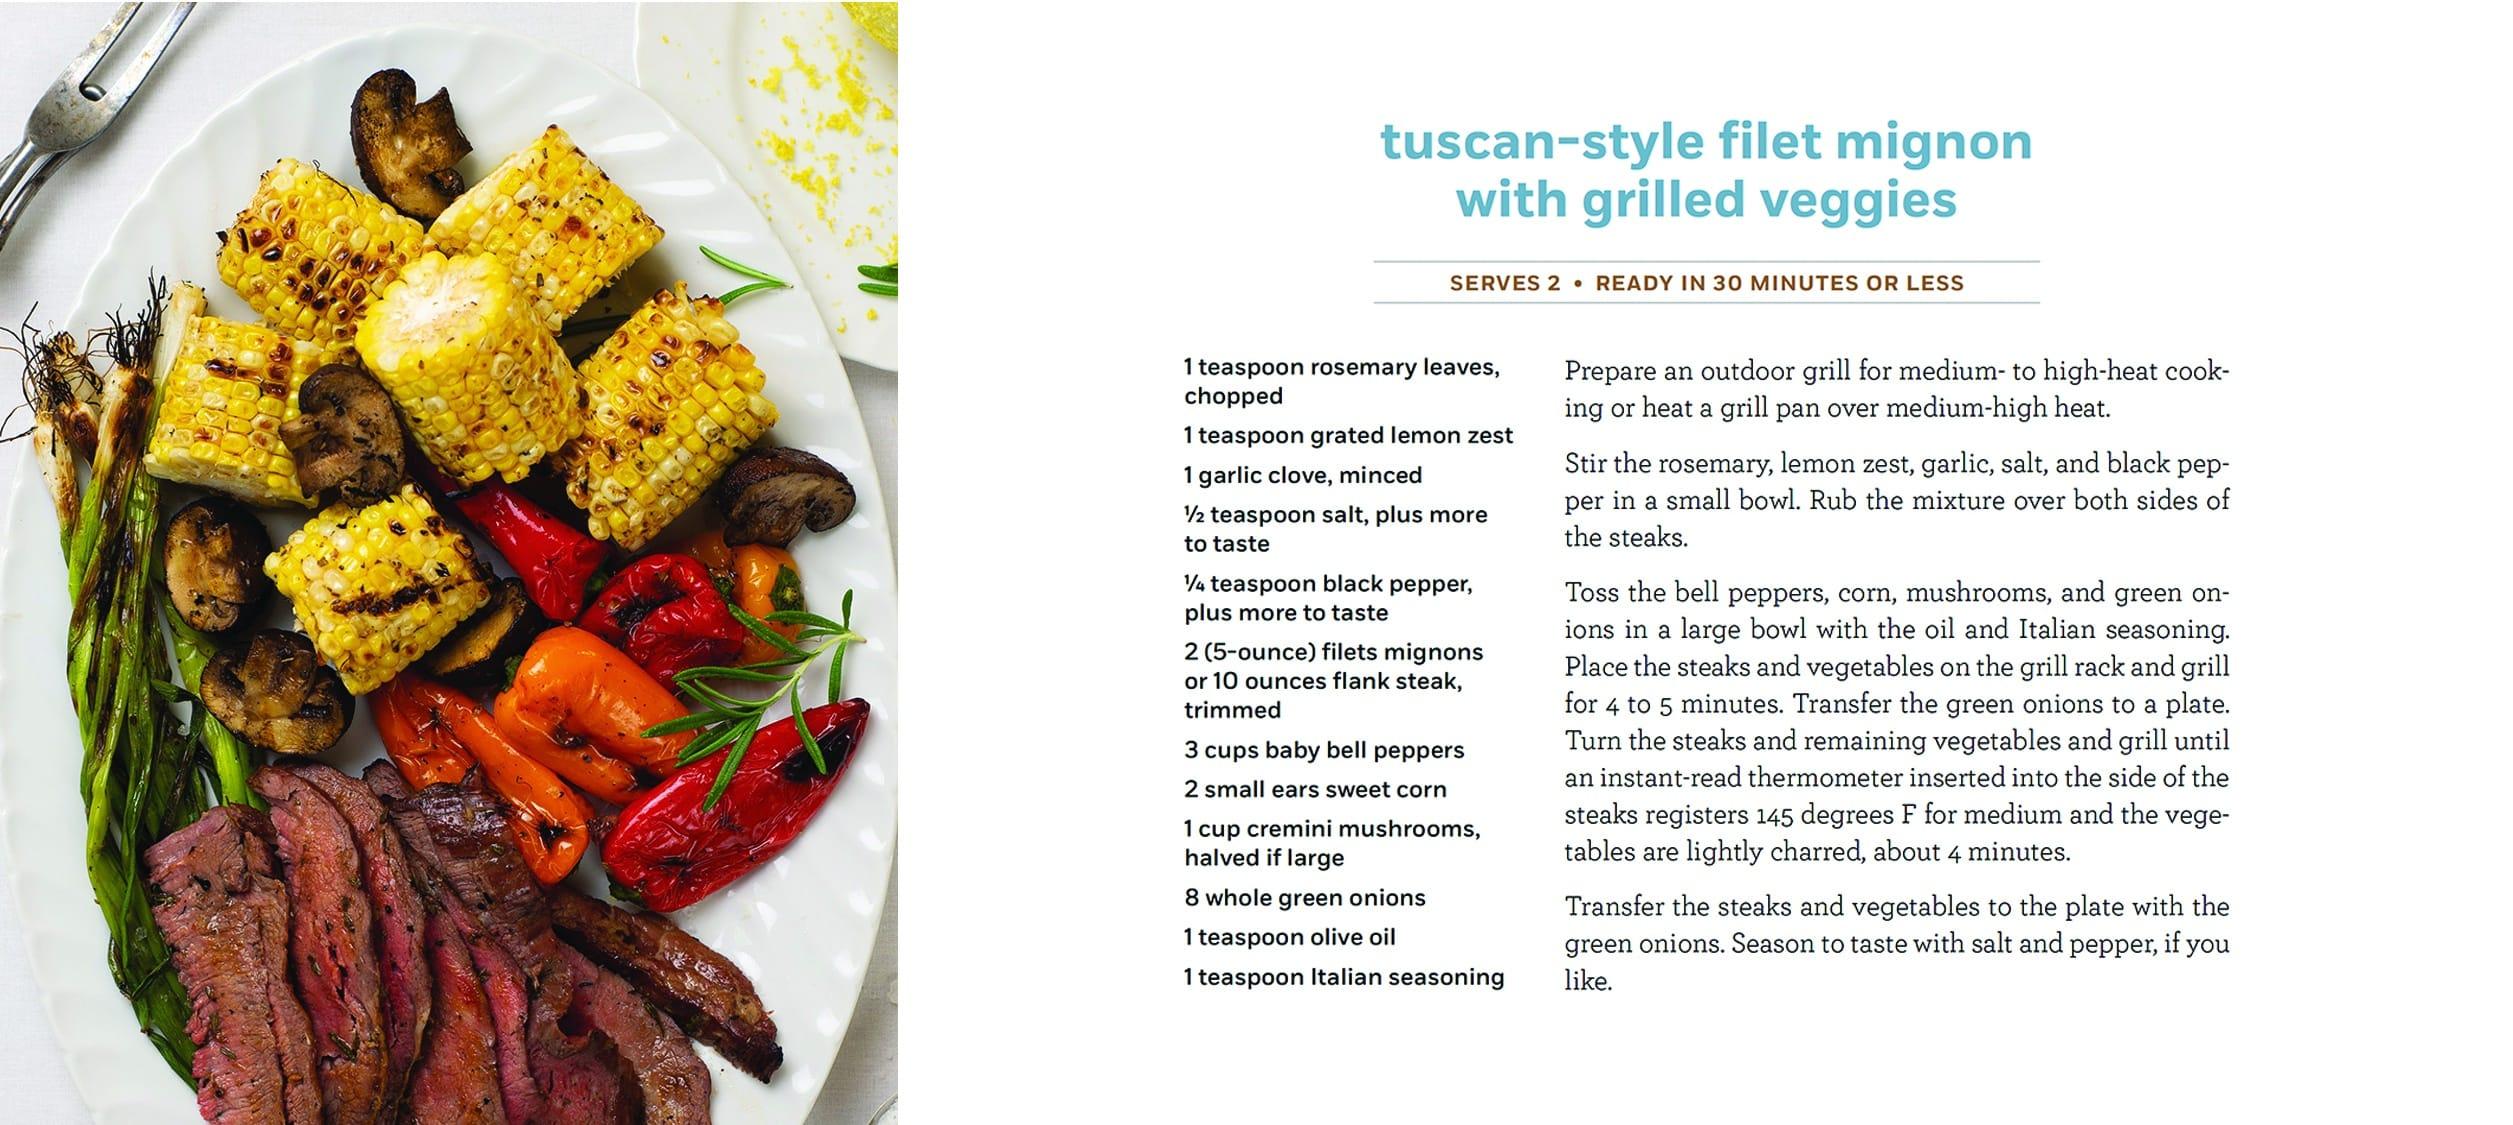 Tuscan Filet Mignon